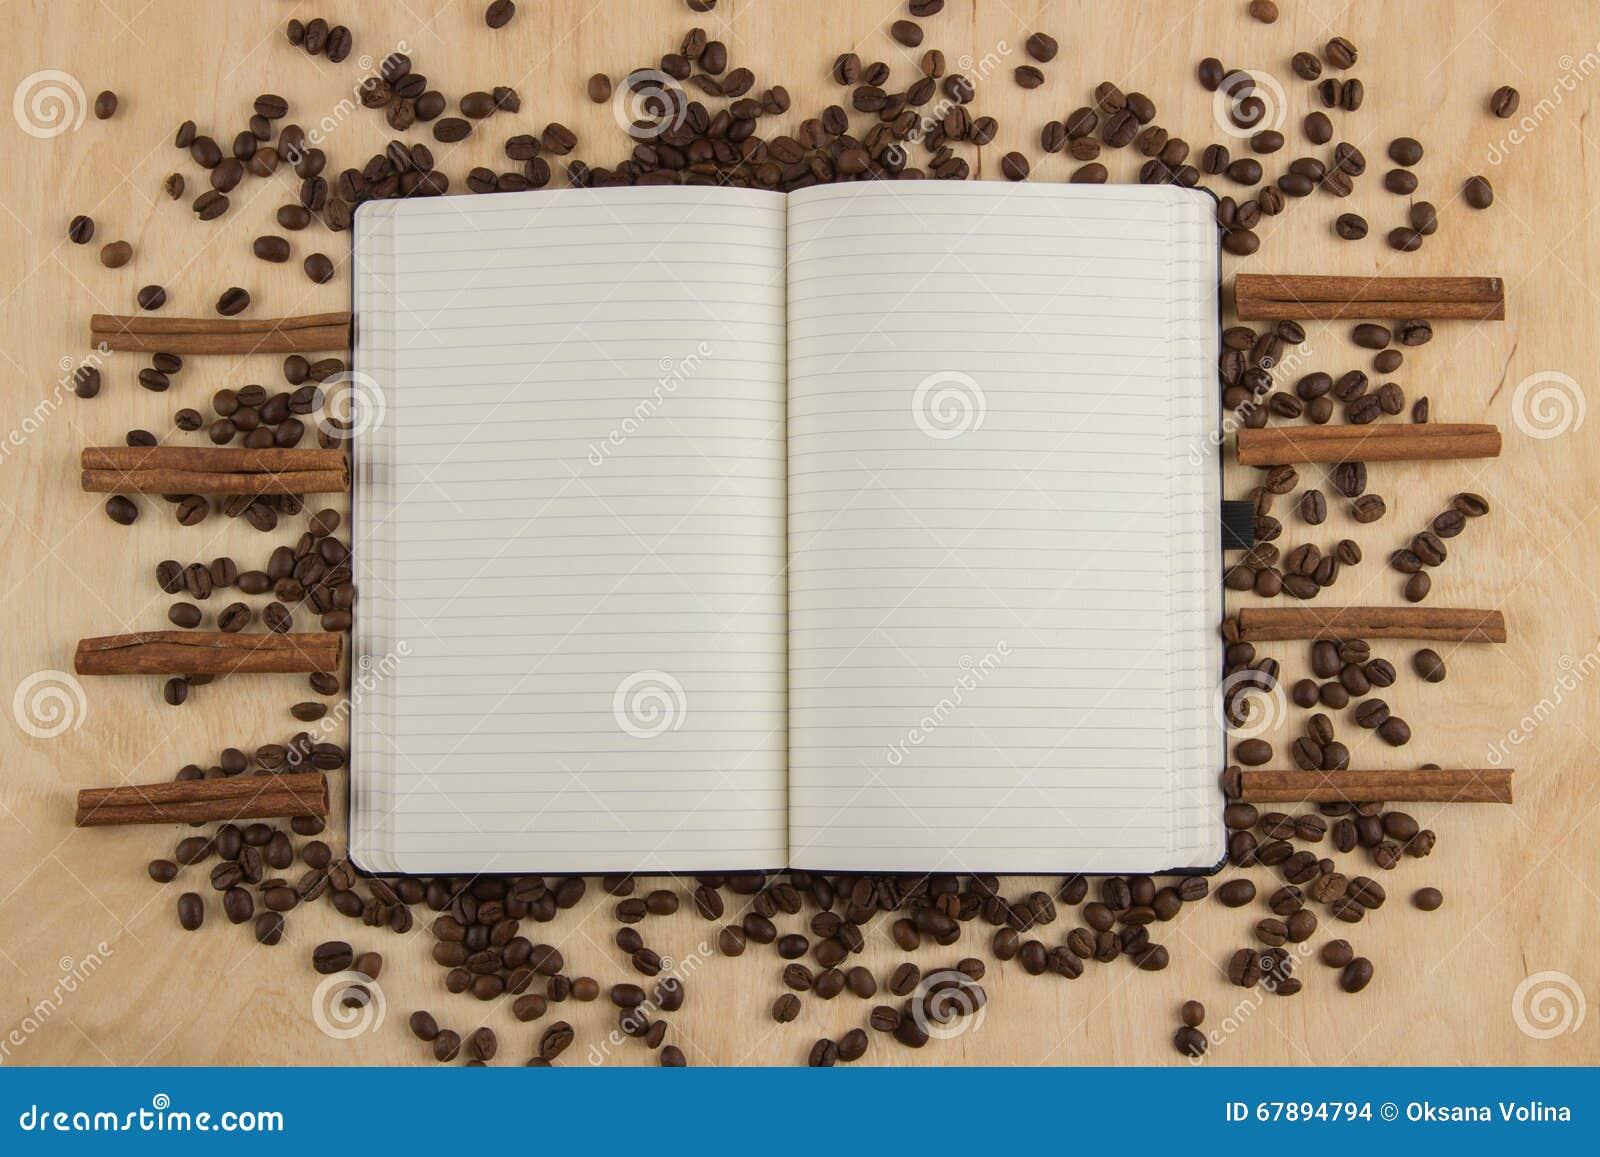 Open notitieboekje met gevoerde pagina s op een lijst waarop verspreid zijn